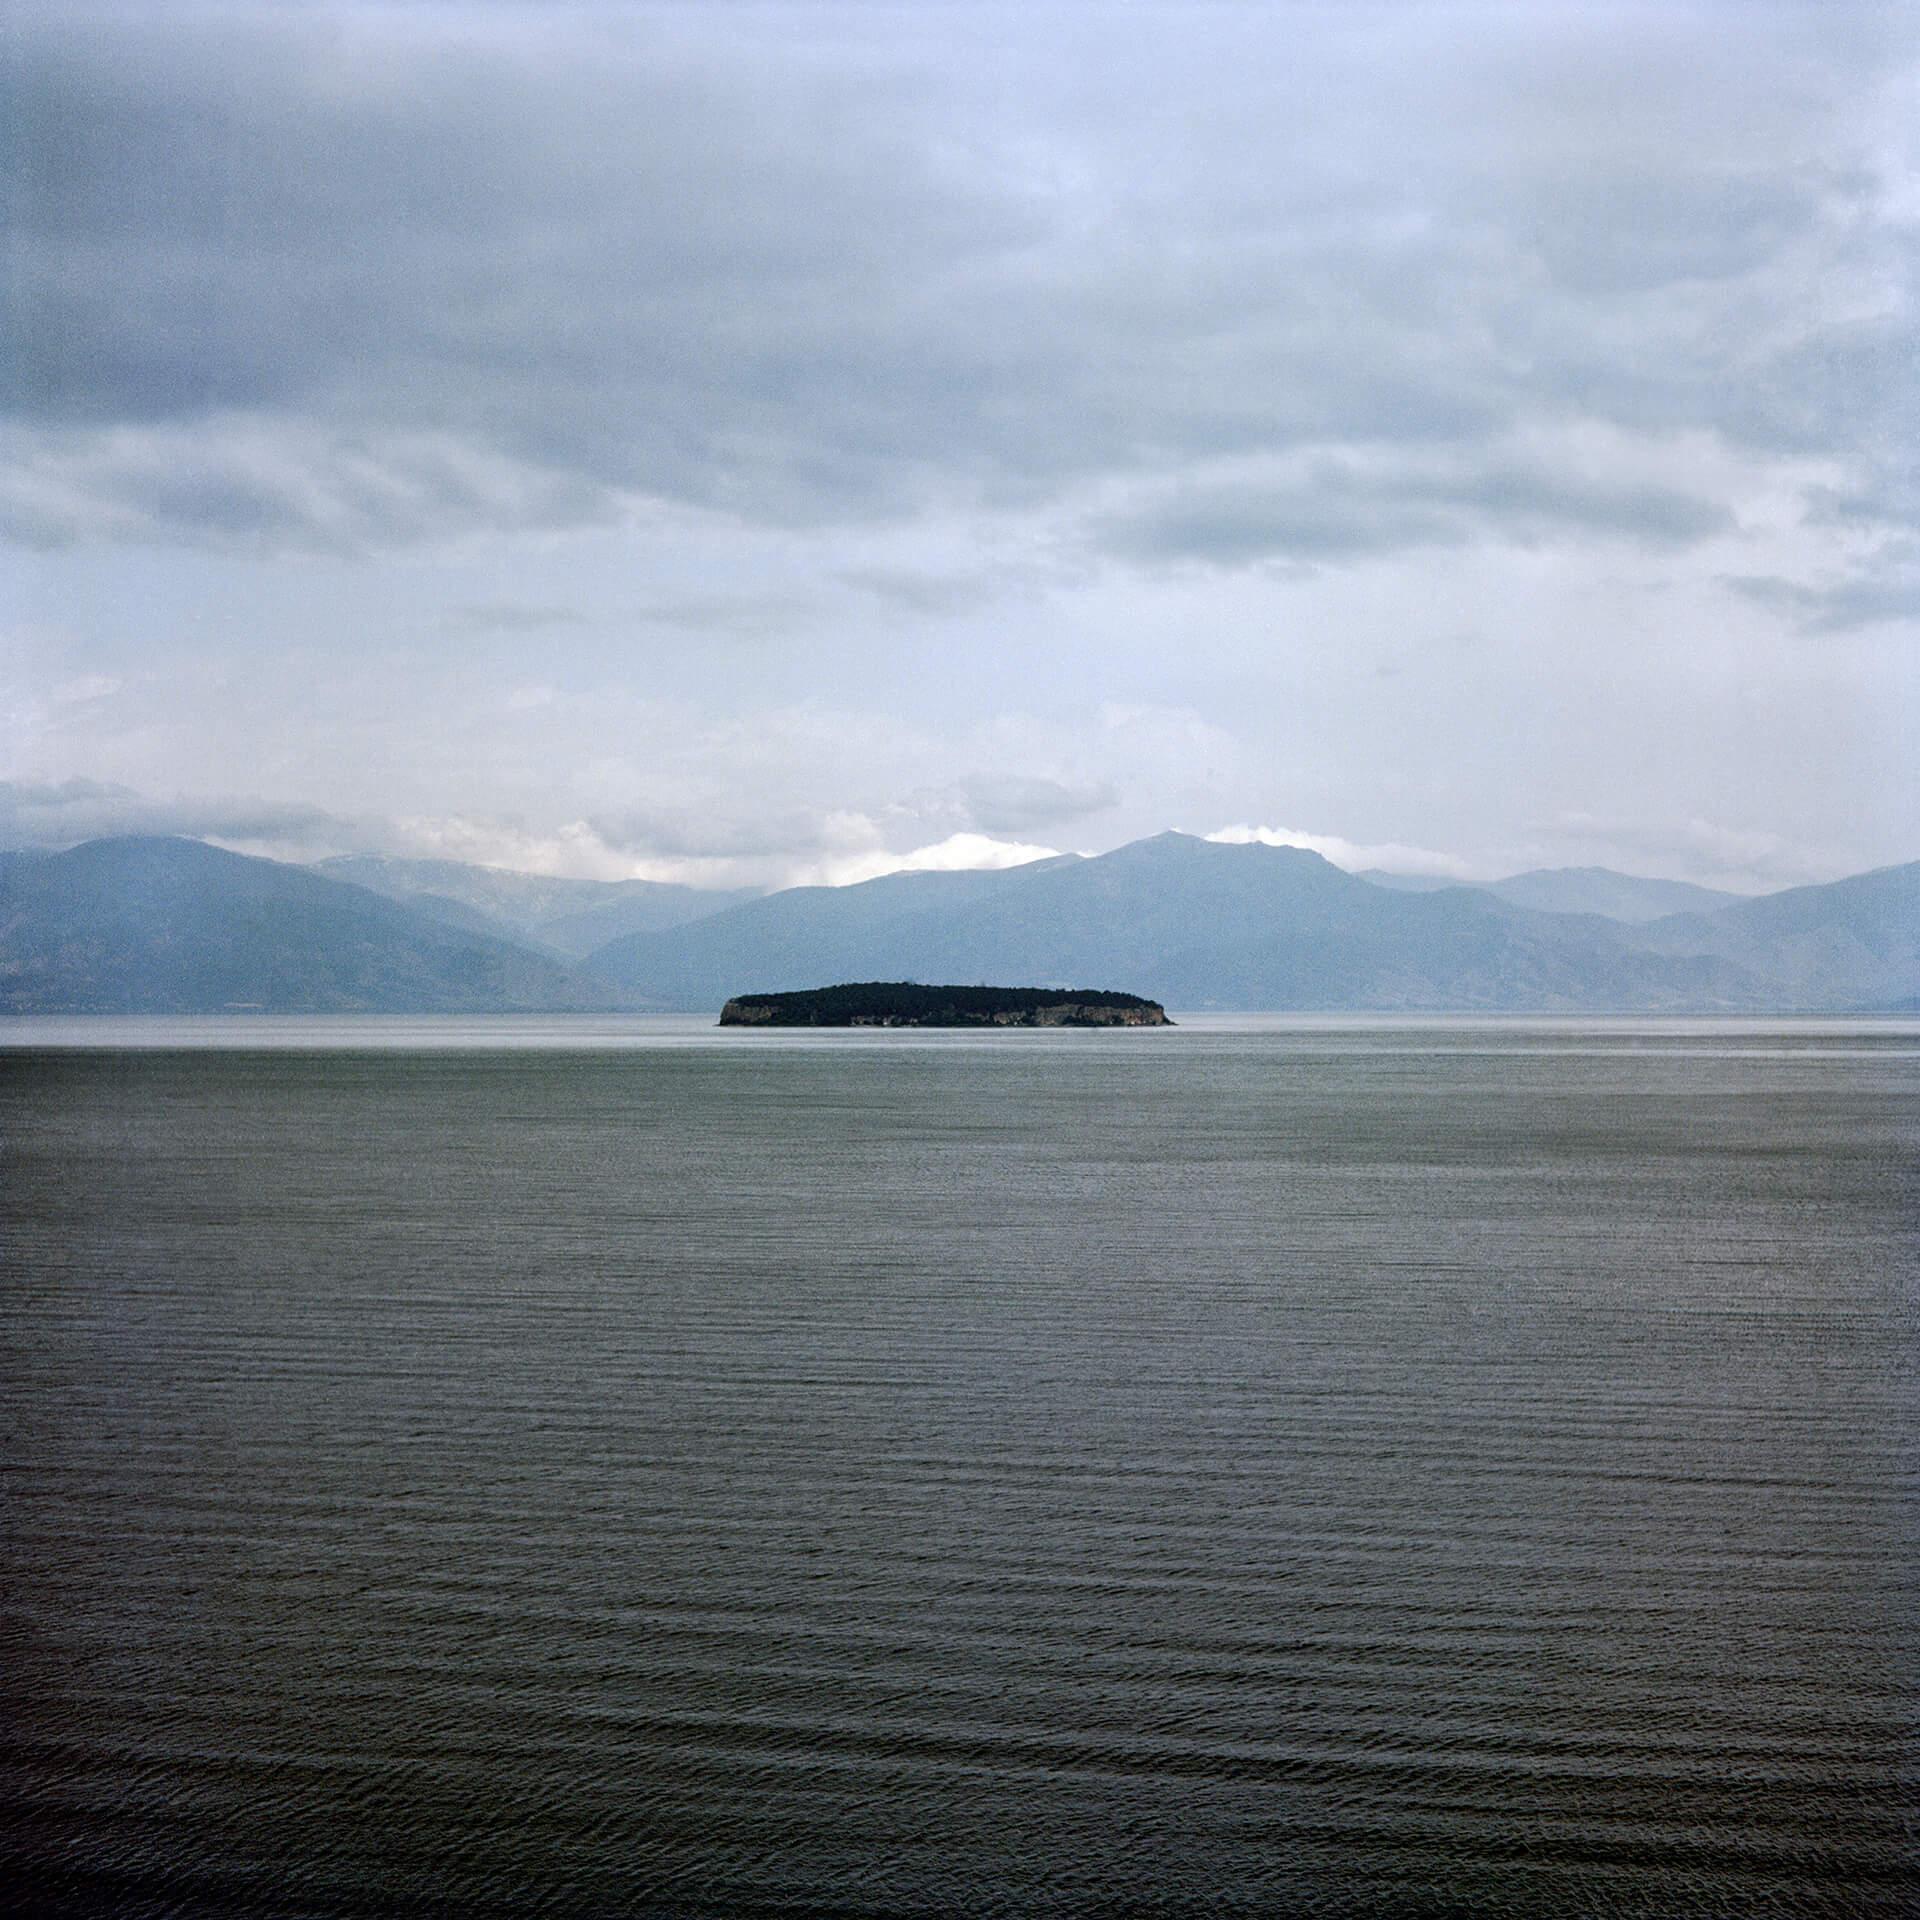 L'île de Golem Grad (île des serpents) en Albanie, à quelques centaines de mètres du point tri- frontalier du lac de Prespa.